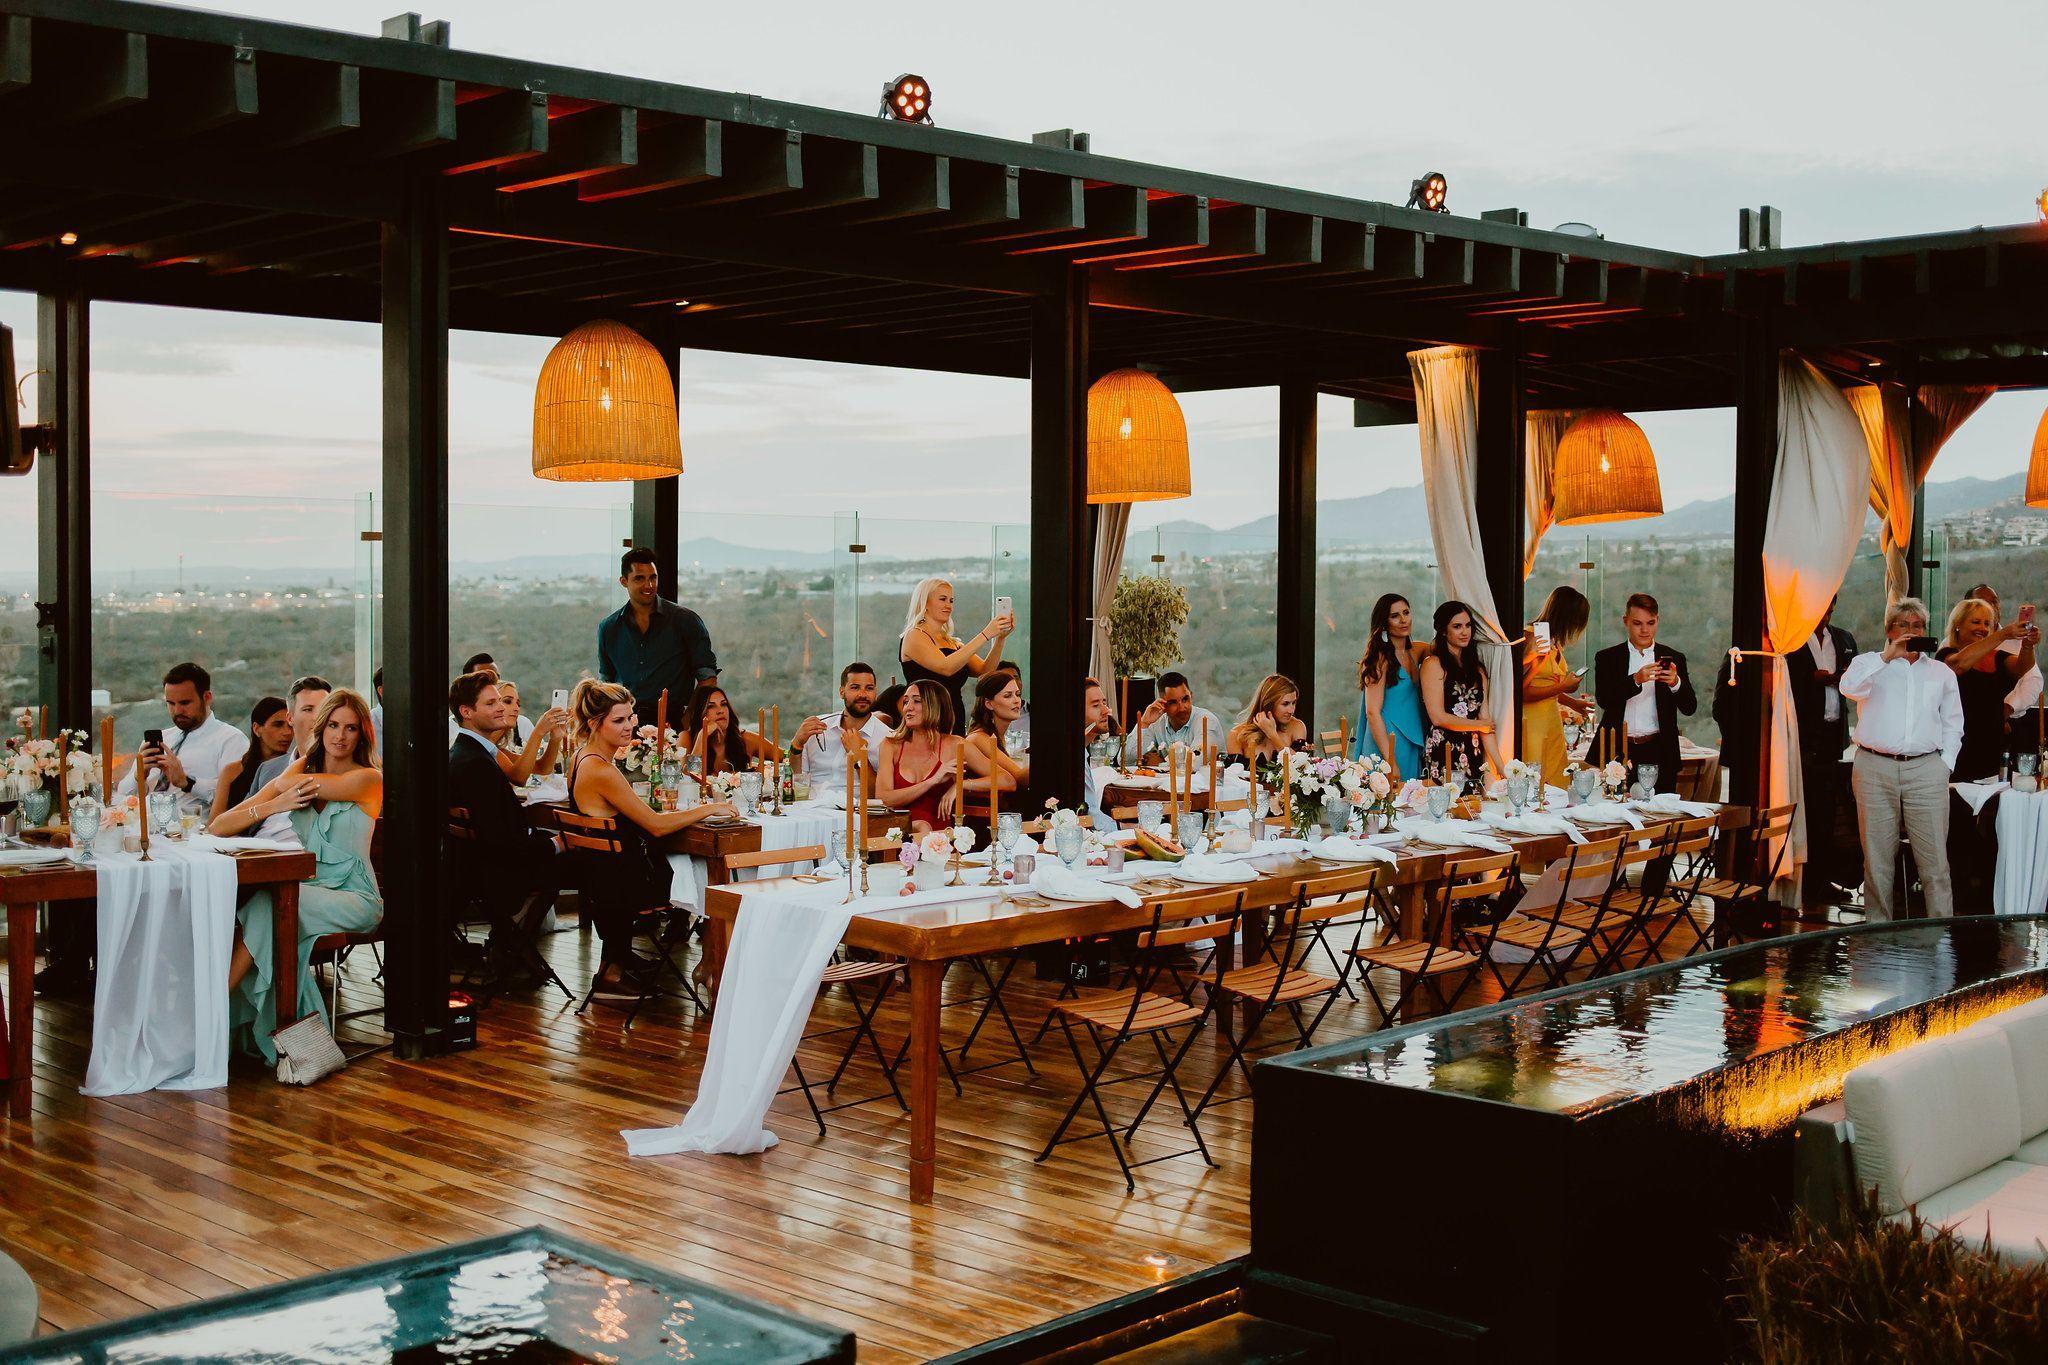 The Cape Wedding Venue in Cabo San Lucas, Mexico Dana